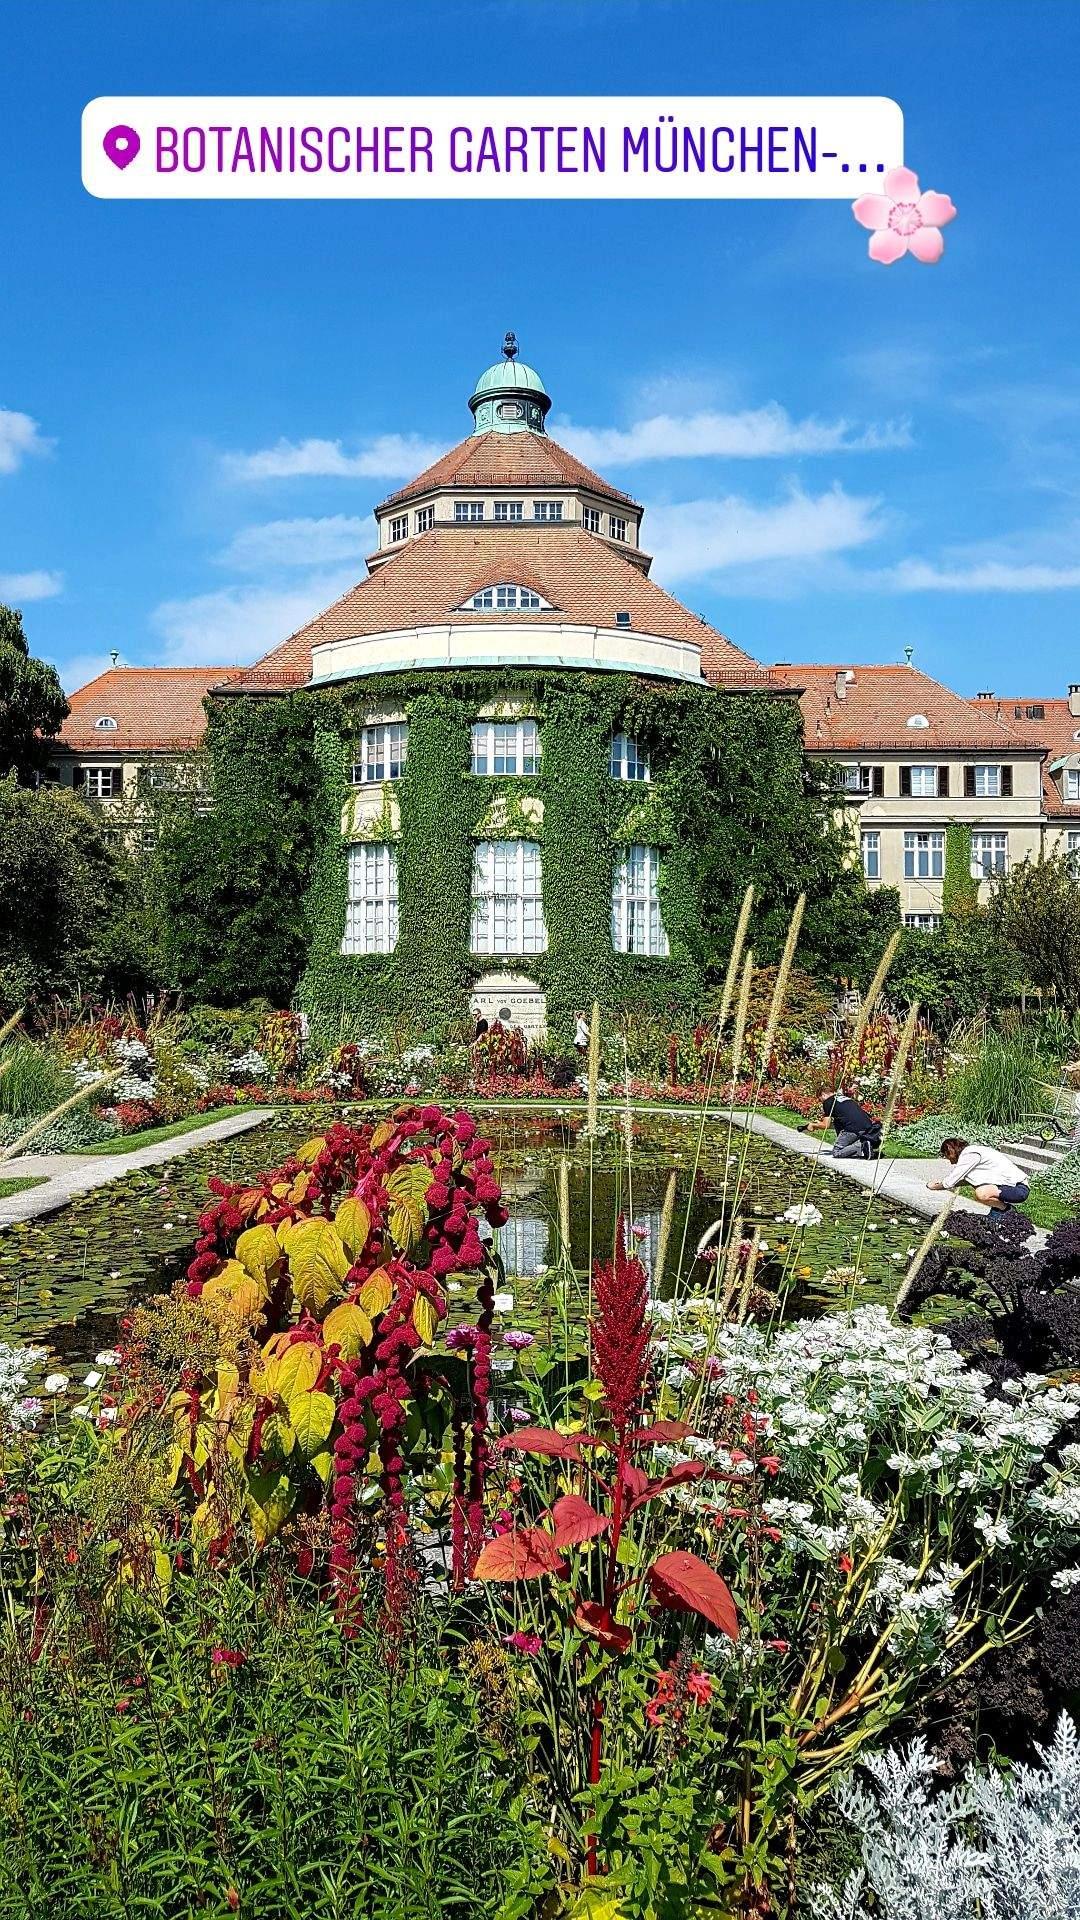 Botanischer Garten München Das Beste Von Botanischer Garten München Nymphenburg